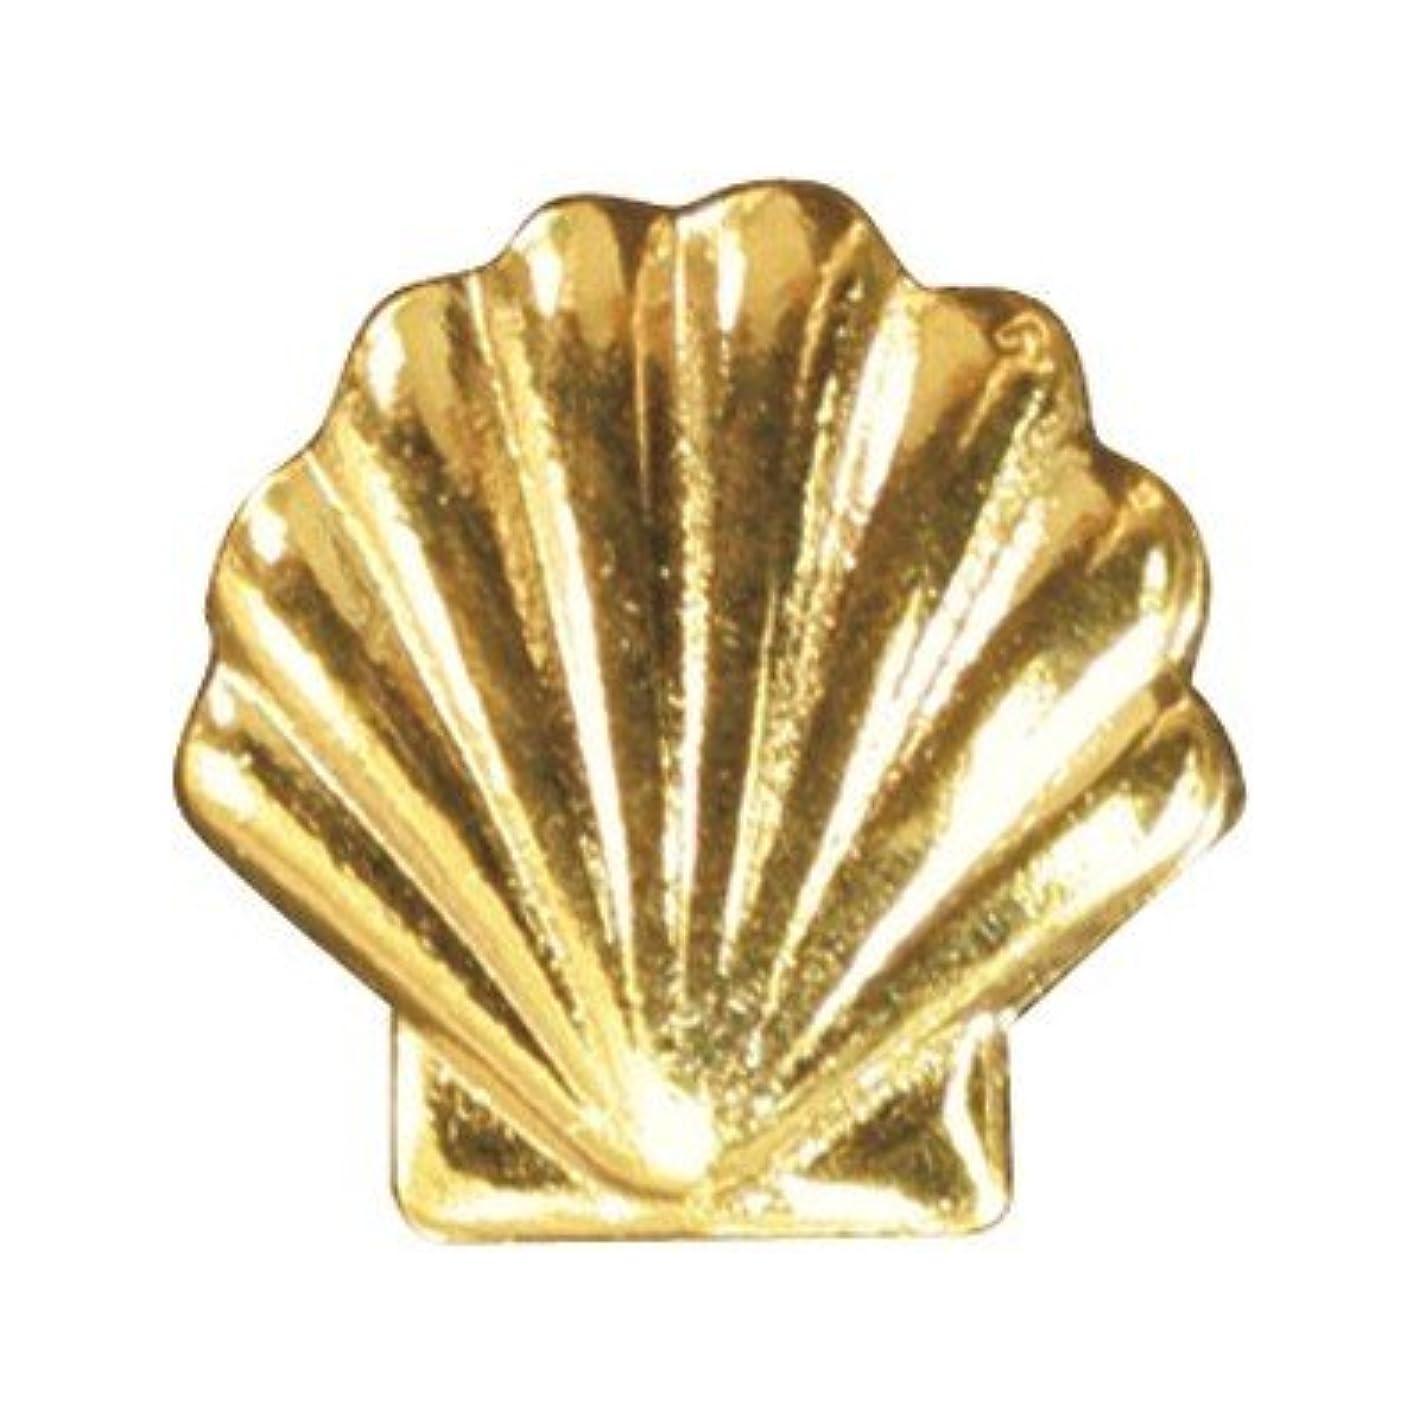 ツイン神経記念碑ピアドラ メタルシェル(大)30P ゴールド